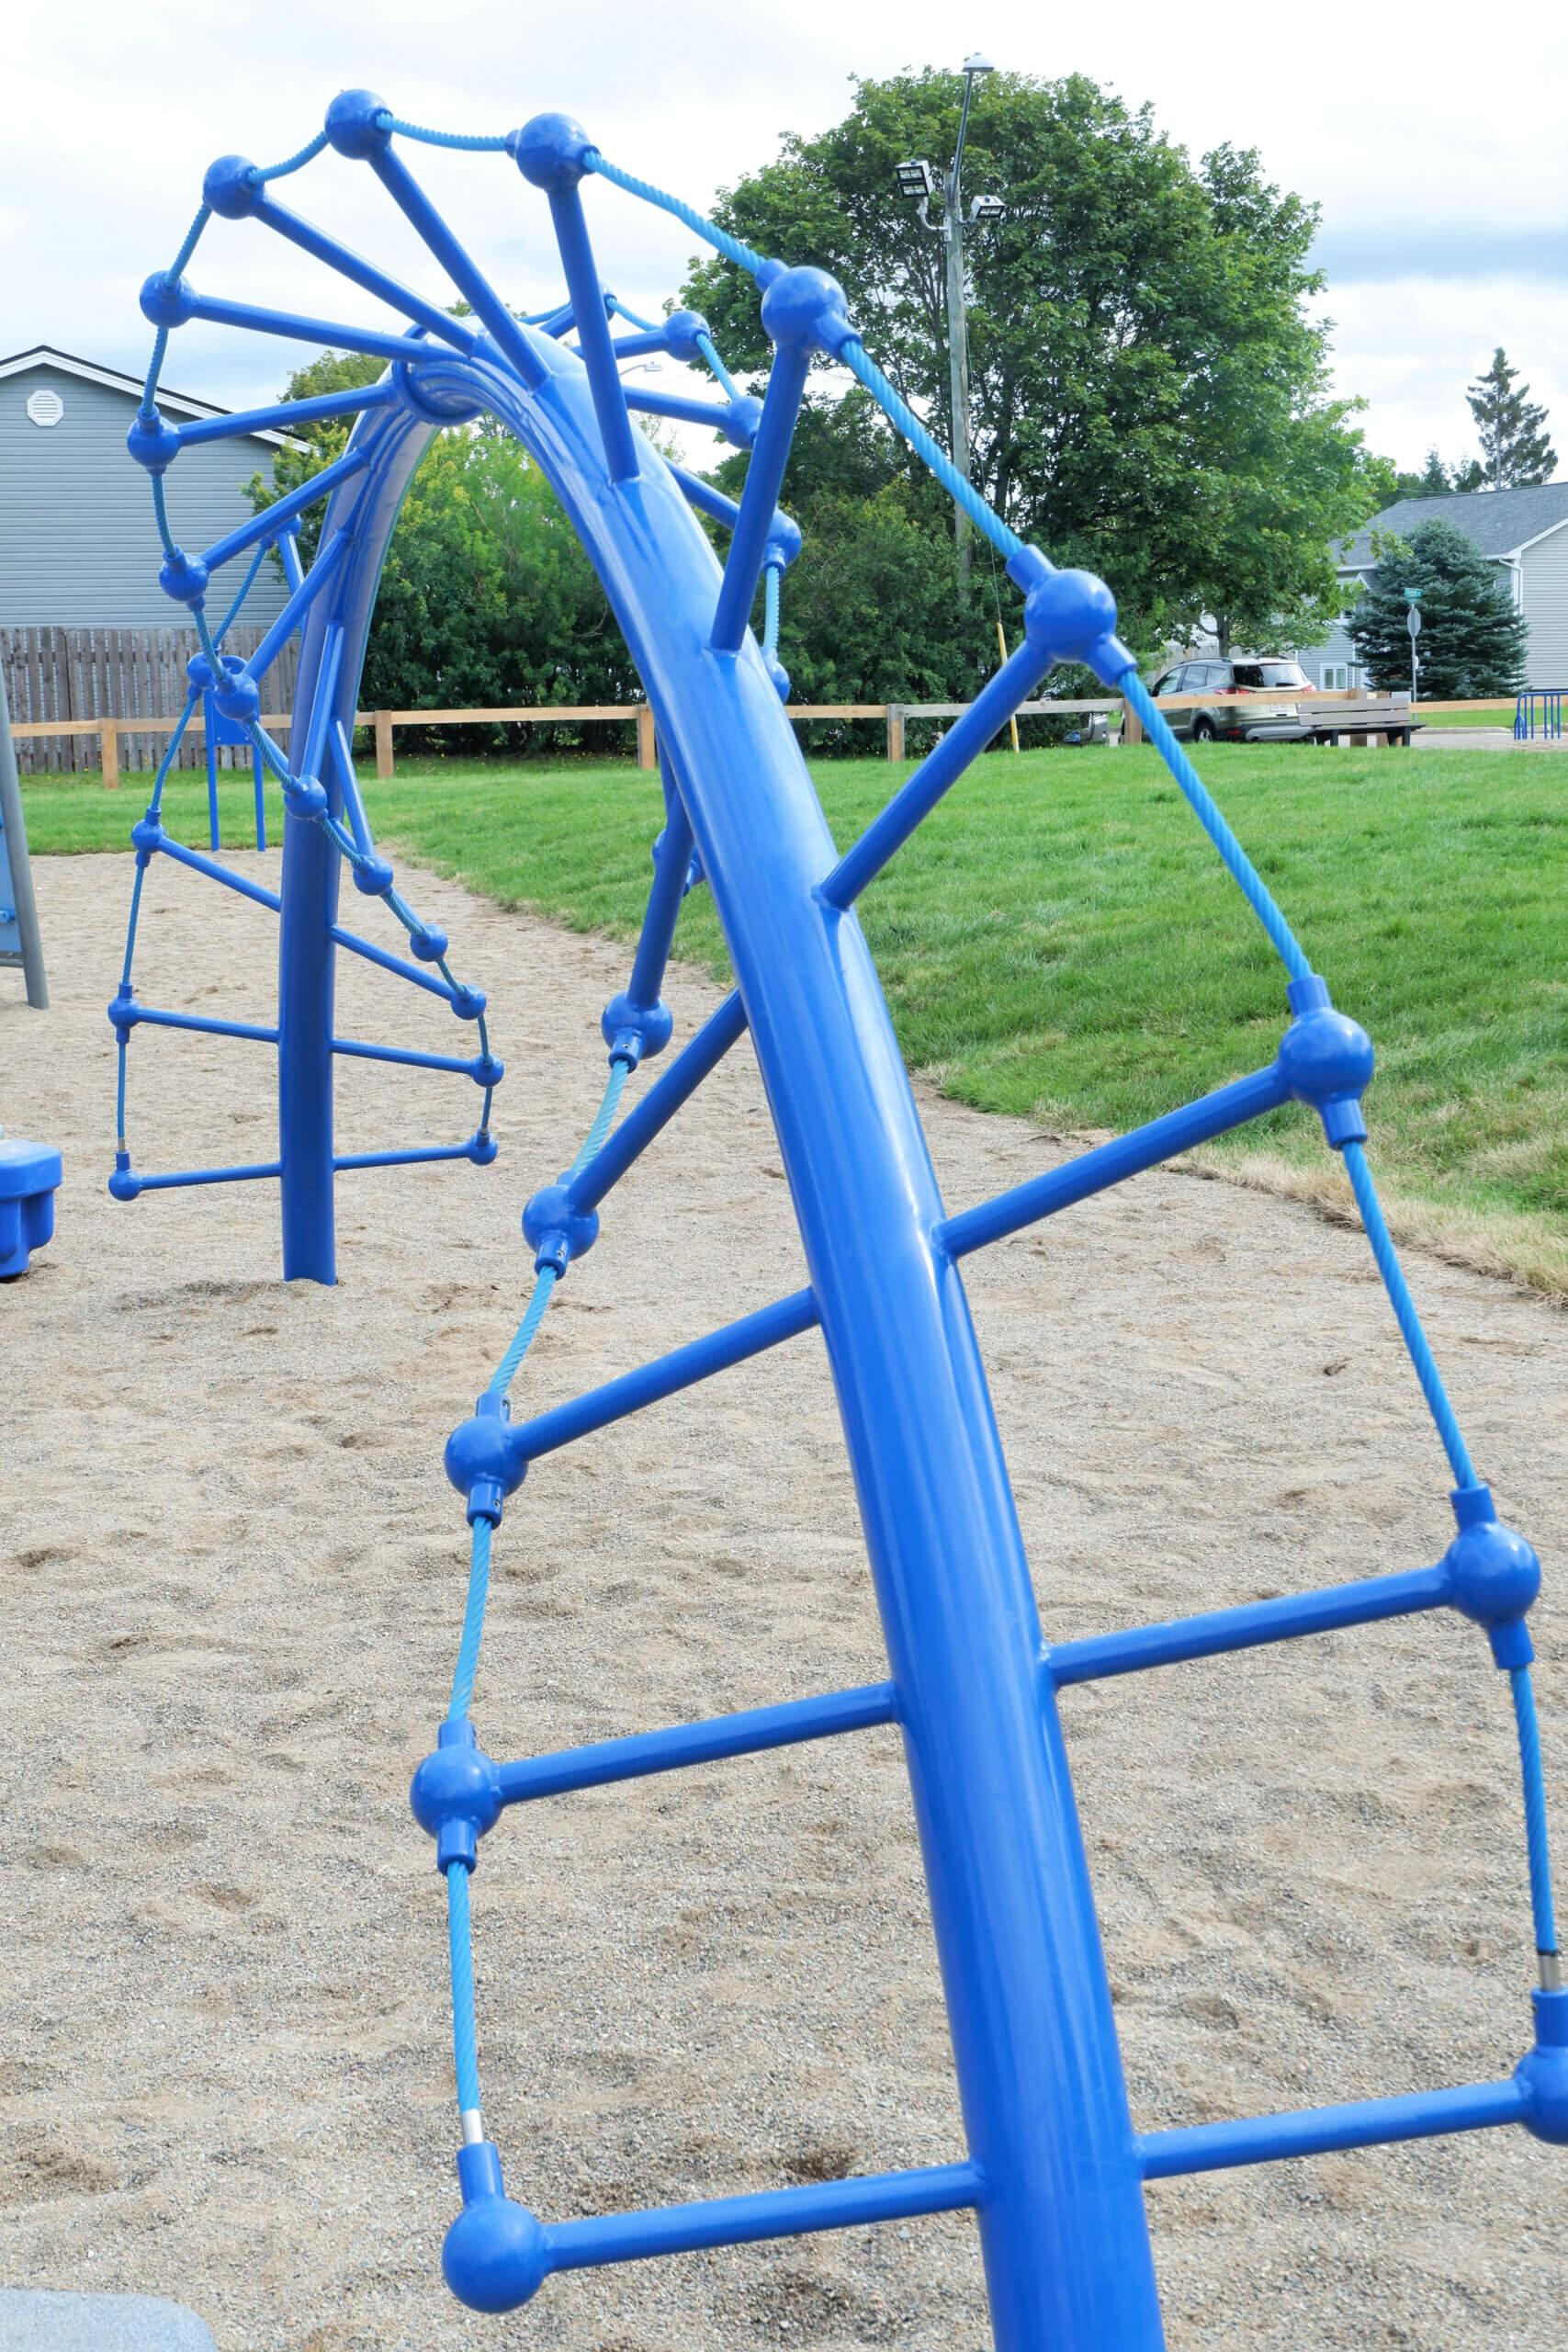 riverview parkour pump track pickle planet moncton playgrounds profile